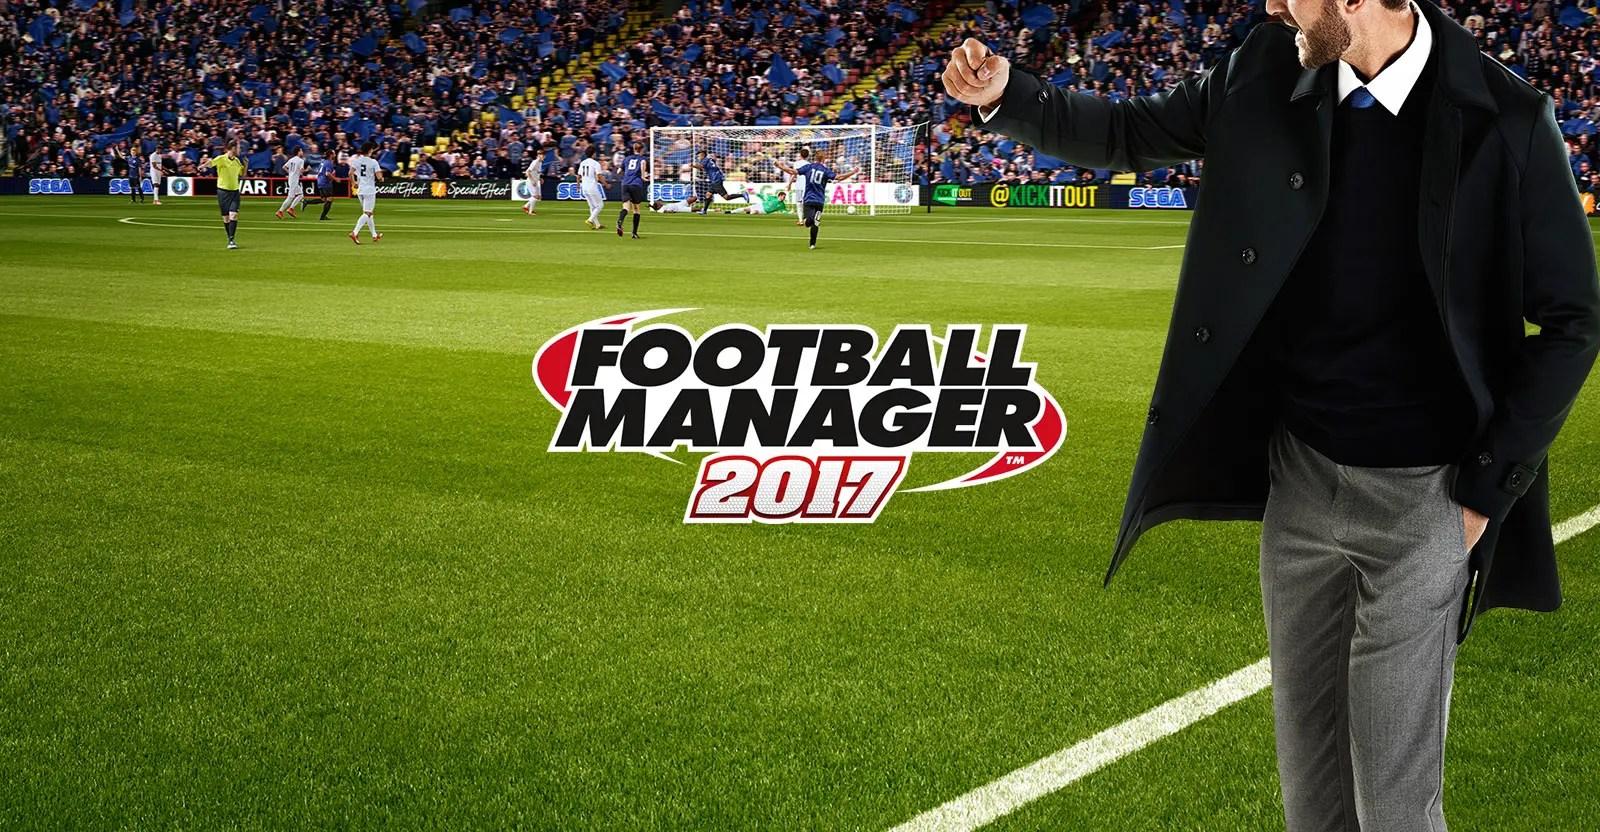 Football Manager 2017 - Thực tế hơn bao giờ hết